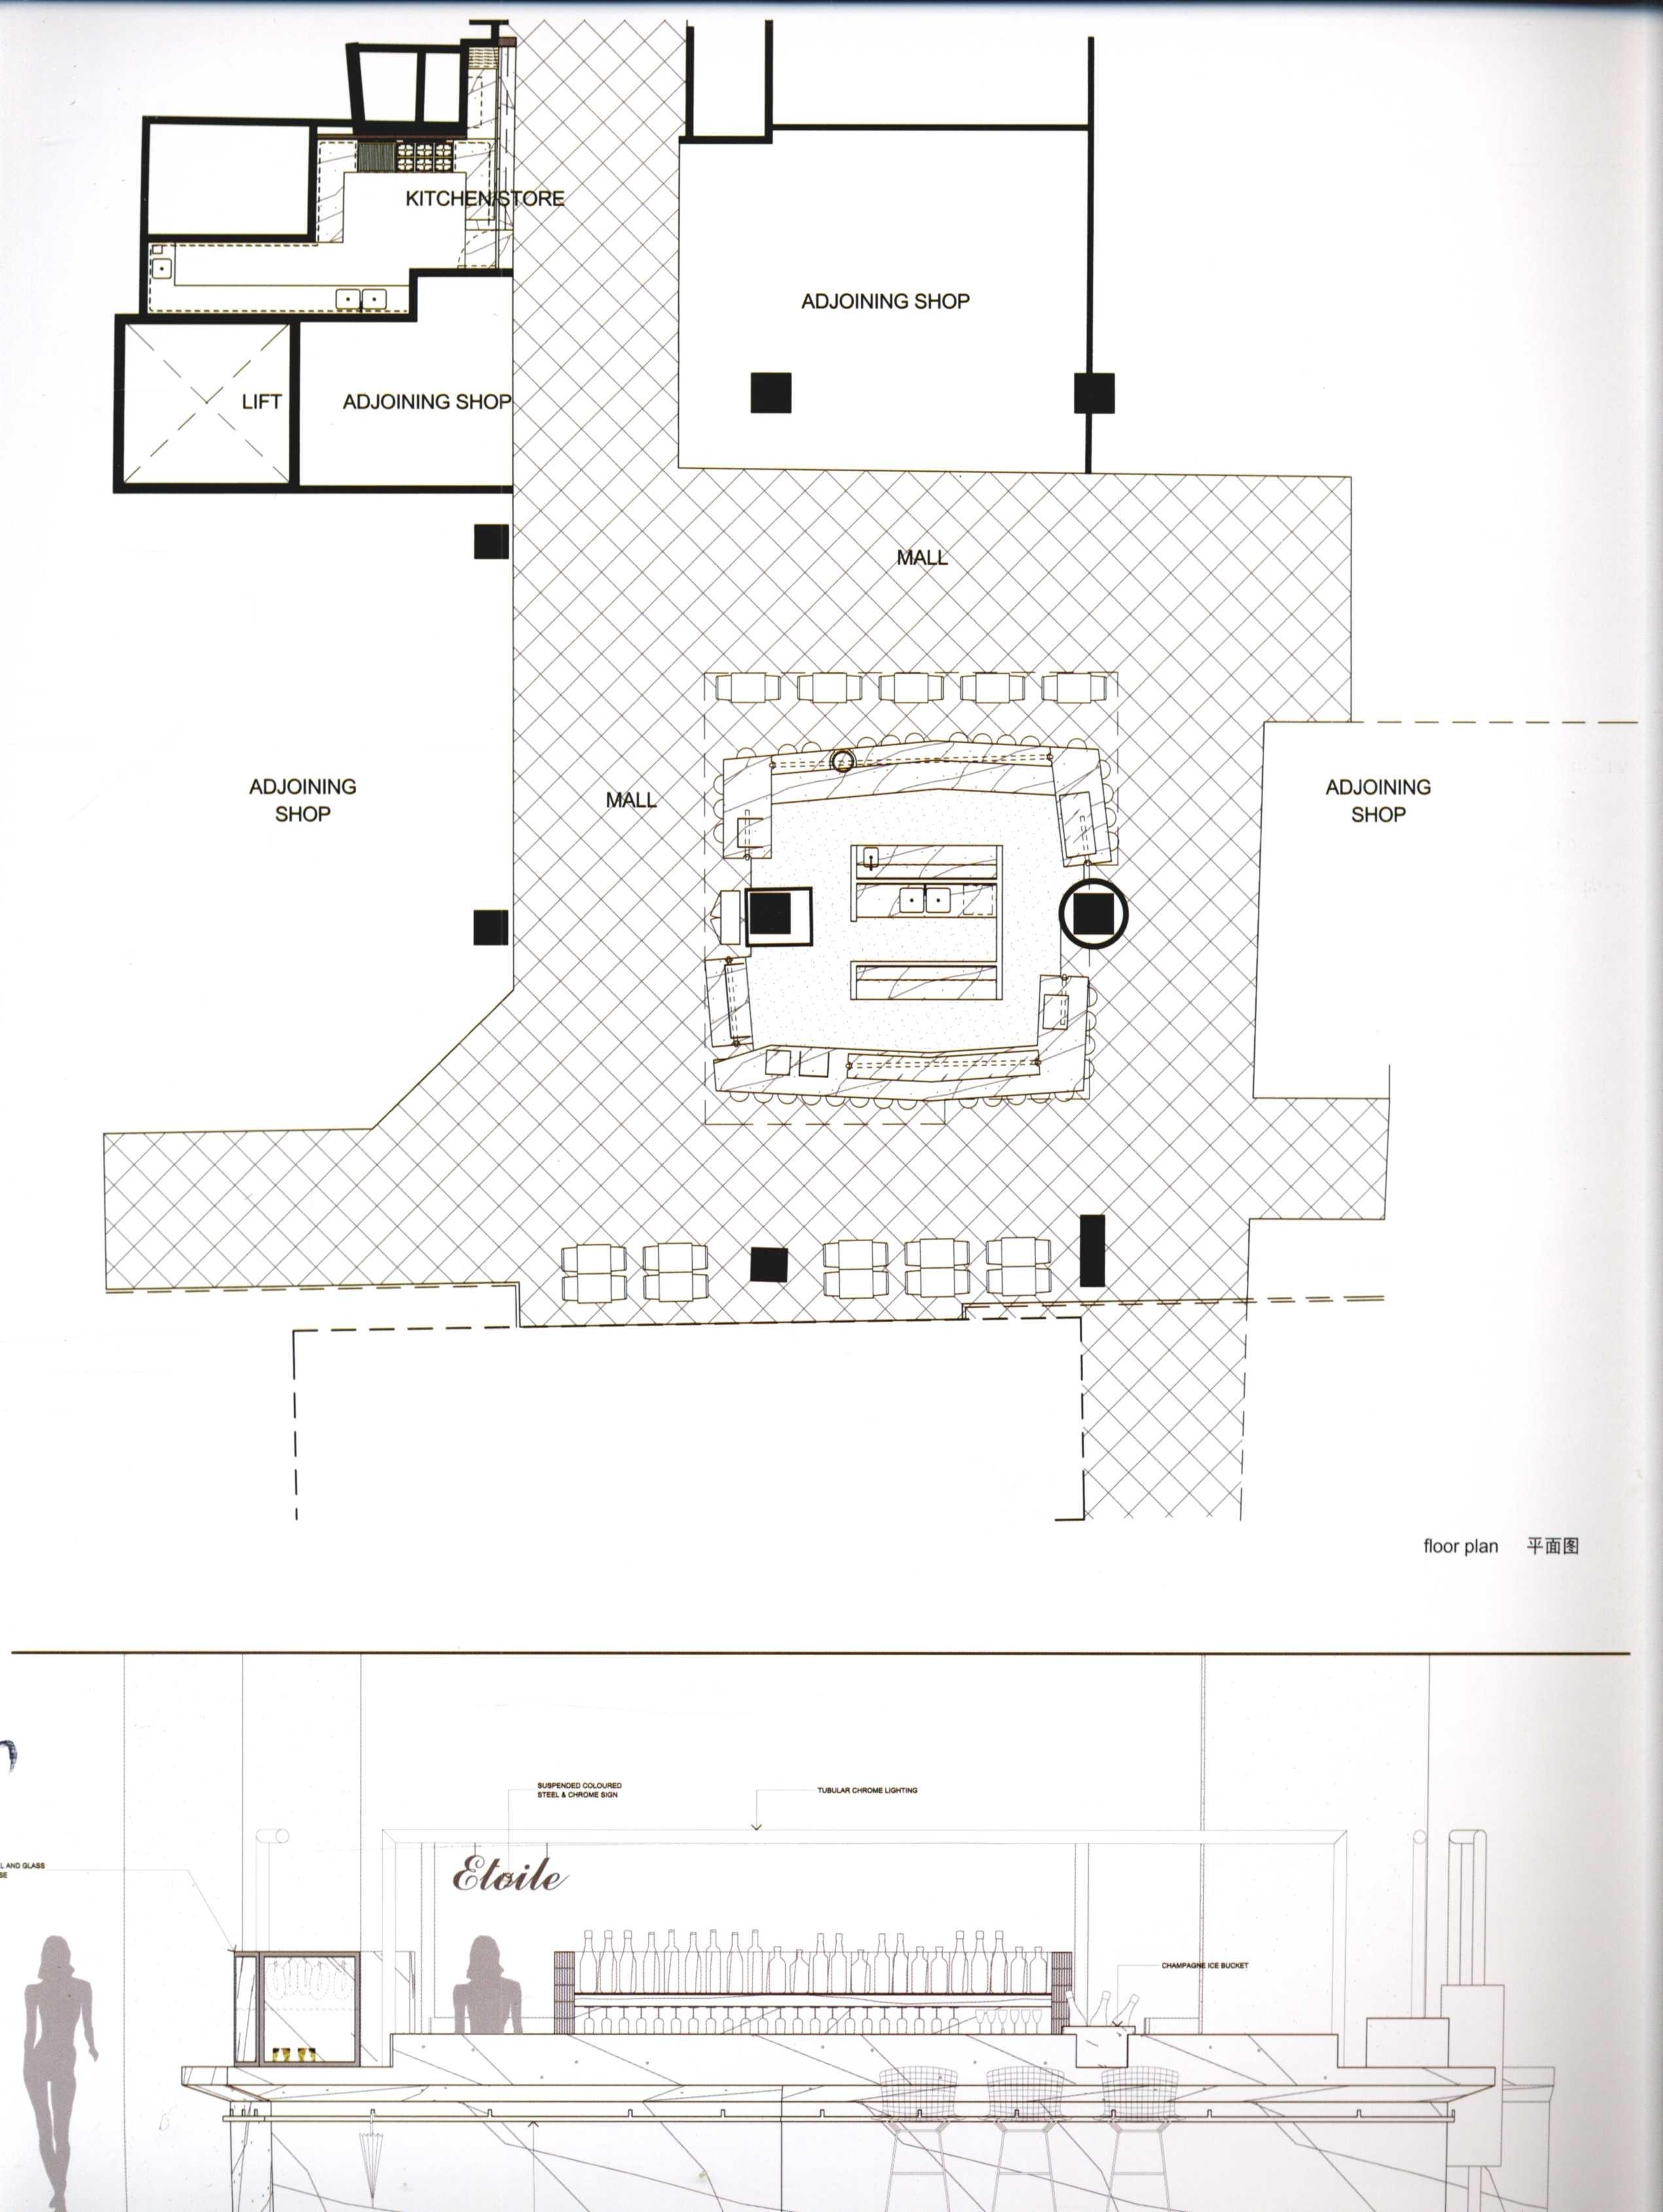 2012全球室内设计年鉴  餐饮_Page_101.jpg